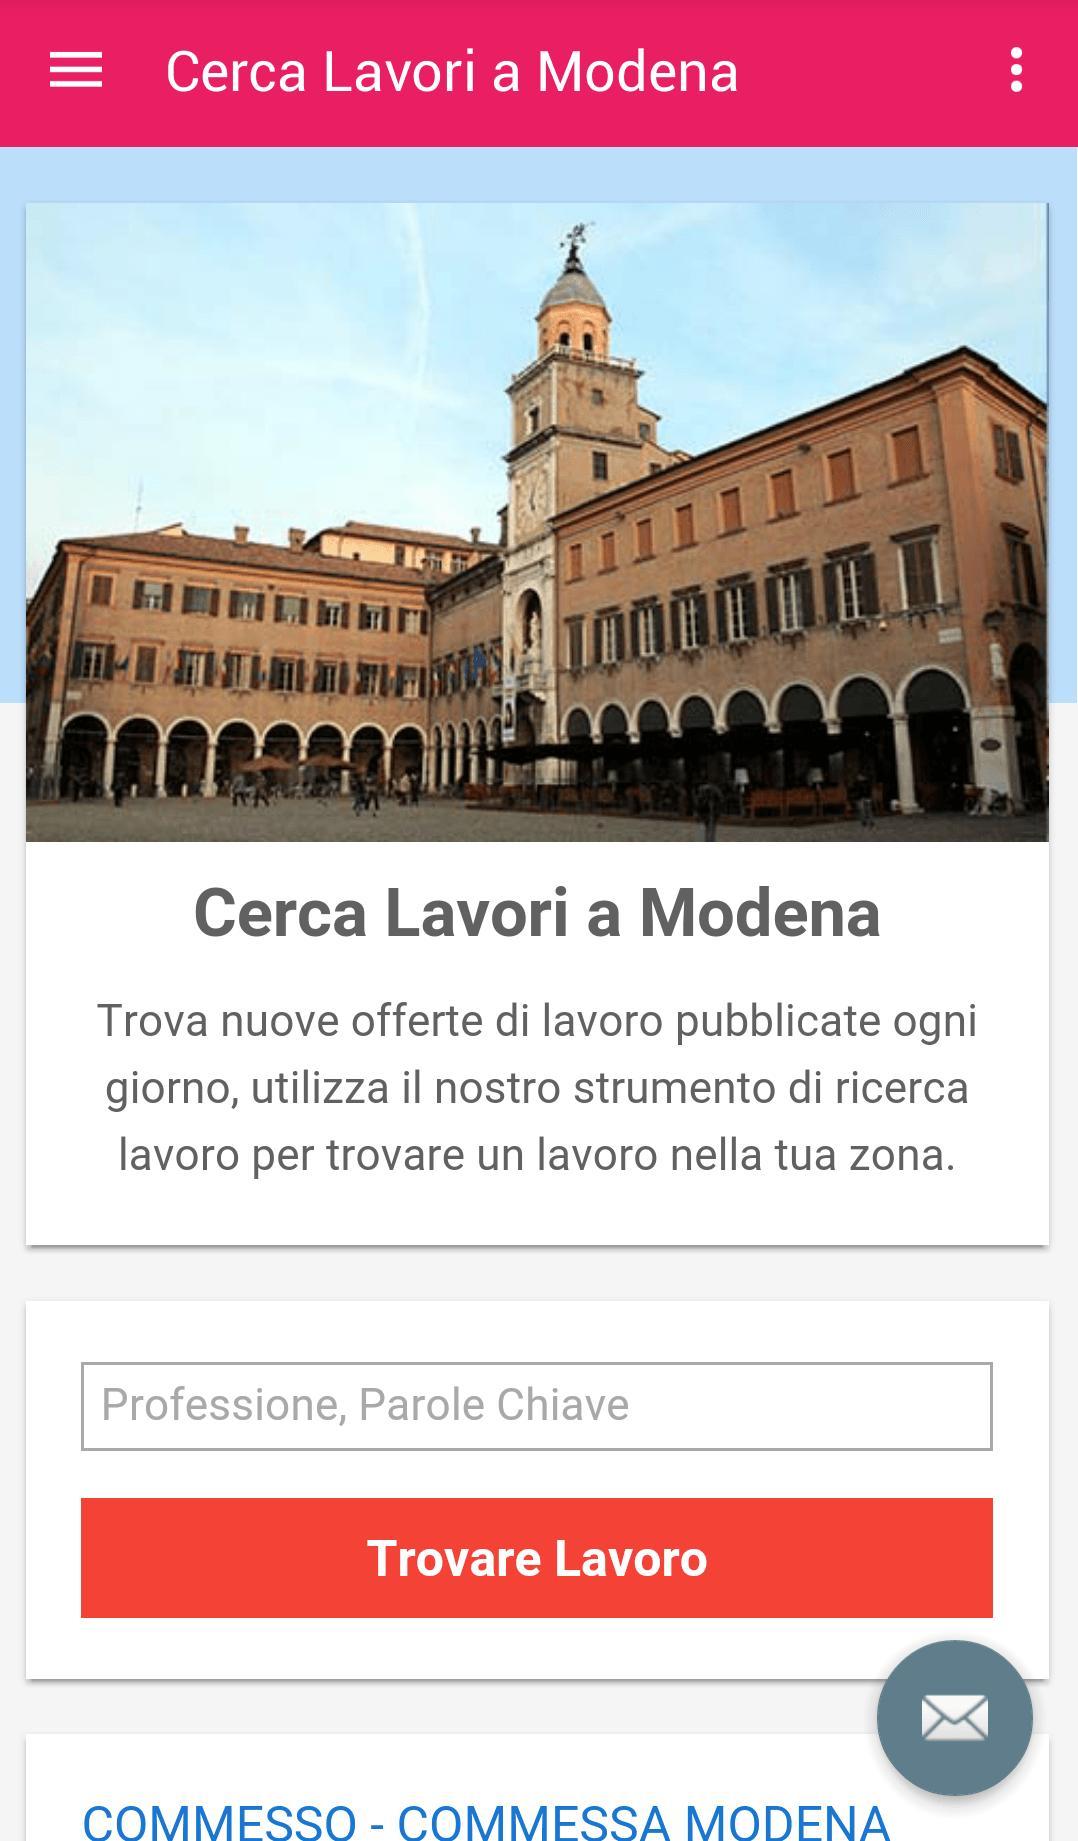 Offerte Di Lavoro Modena For Android Apk Download